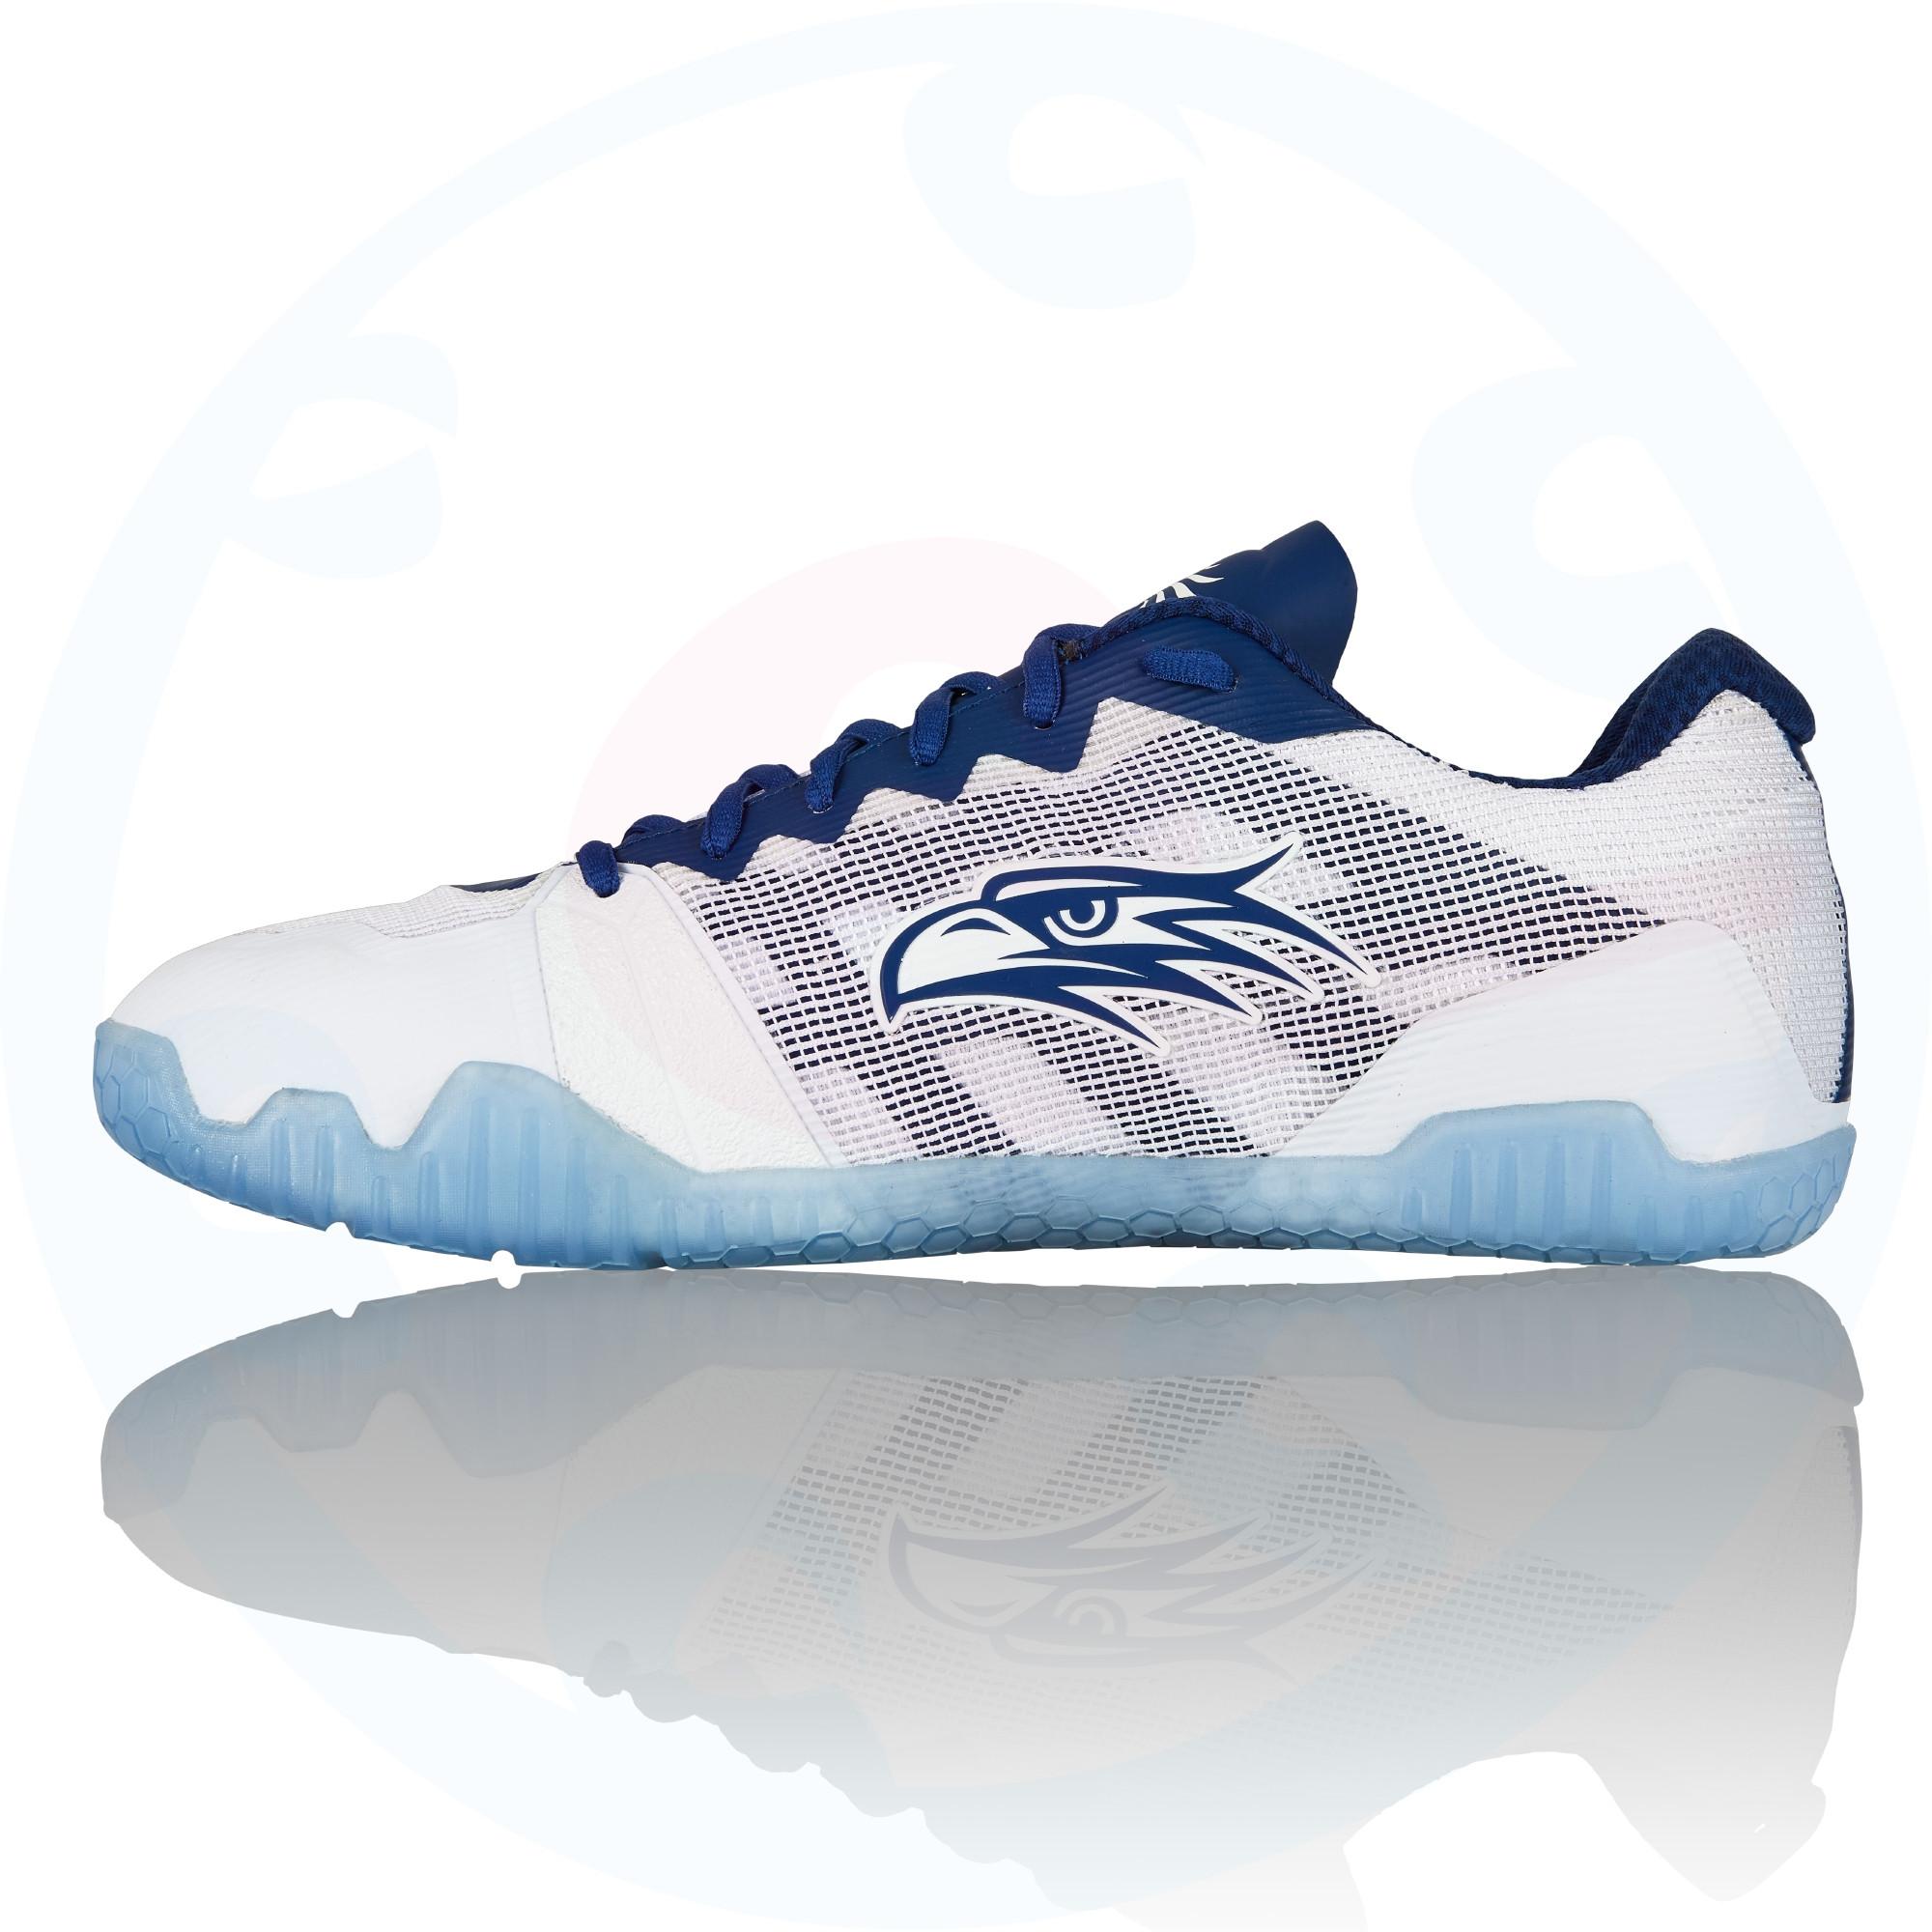 Salming Hawk Women Shoe White/Navy Blue UK 4 EU 36 bPWPcQY6py